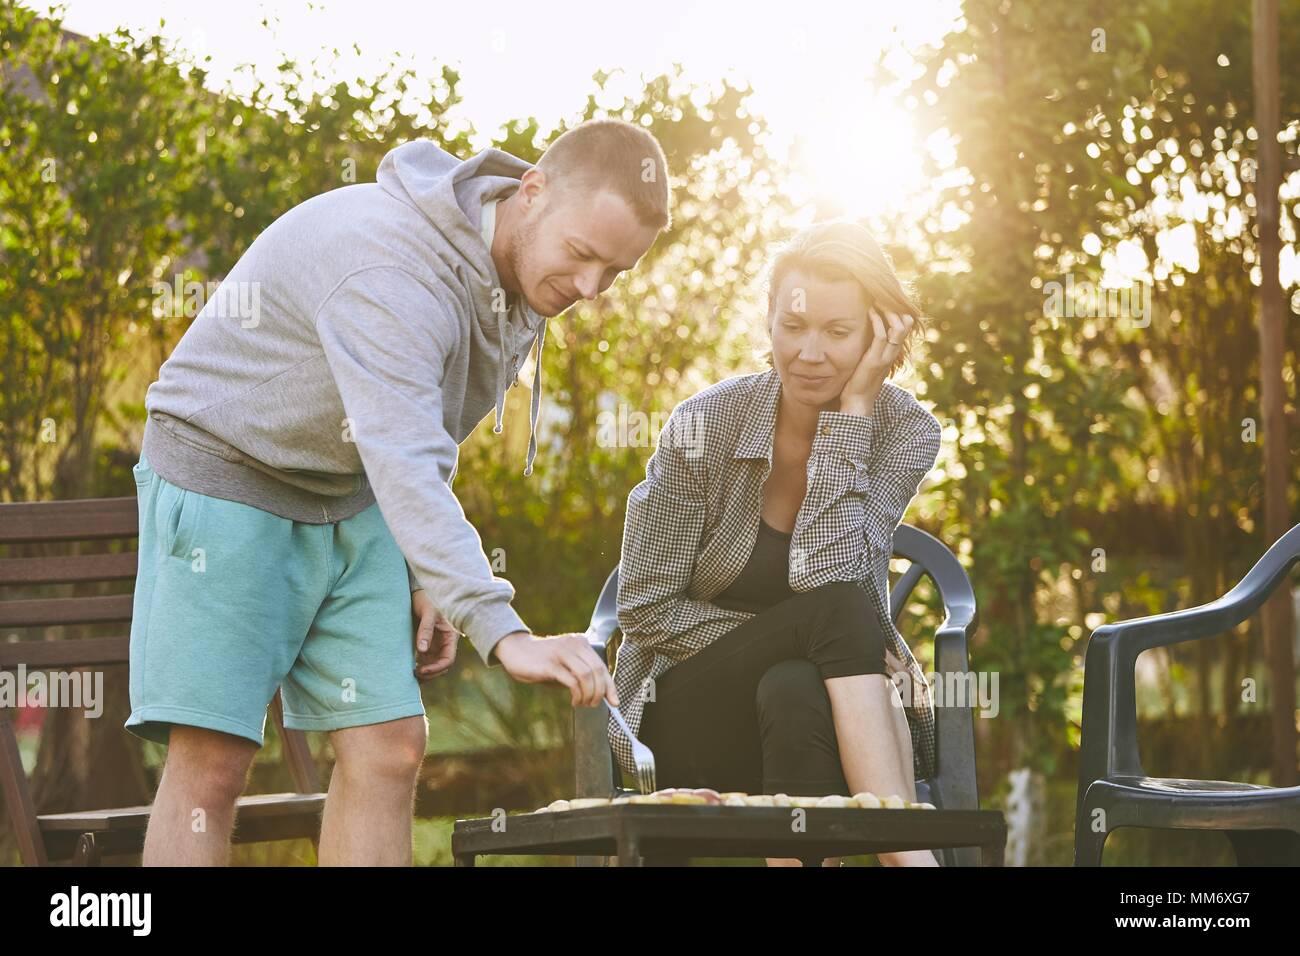 L'été sur le jardin. Jeune couple barbecuing contre chalet au coucher du soleil. Photo Stock